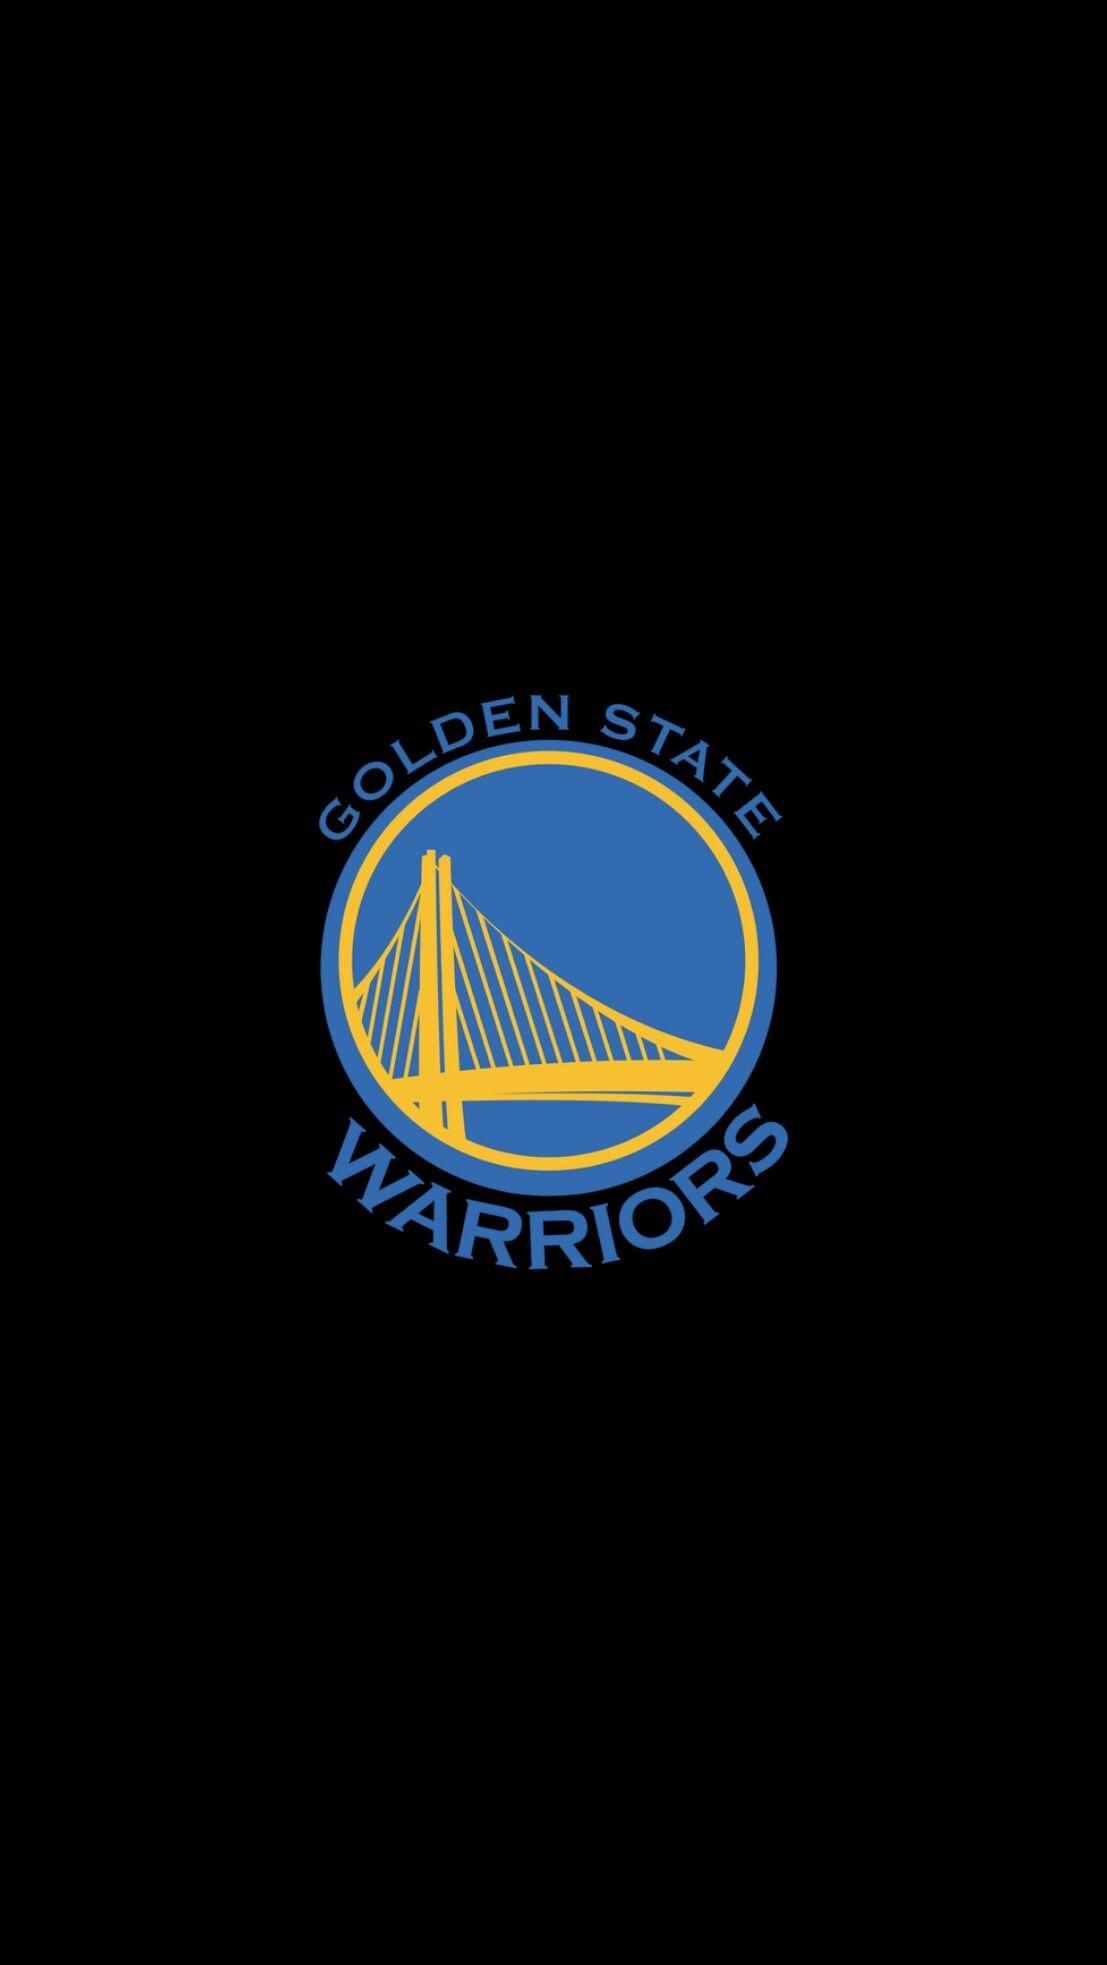 Away Jersey Wallpaper Golden State Warriors Golden State Warriors Wallpaper Golden State Warriors Basketball Warriors Wallpaper